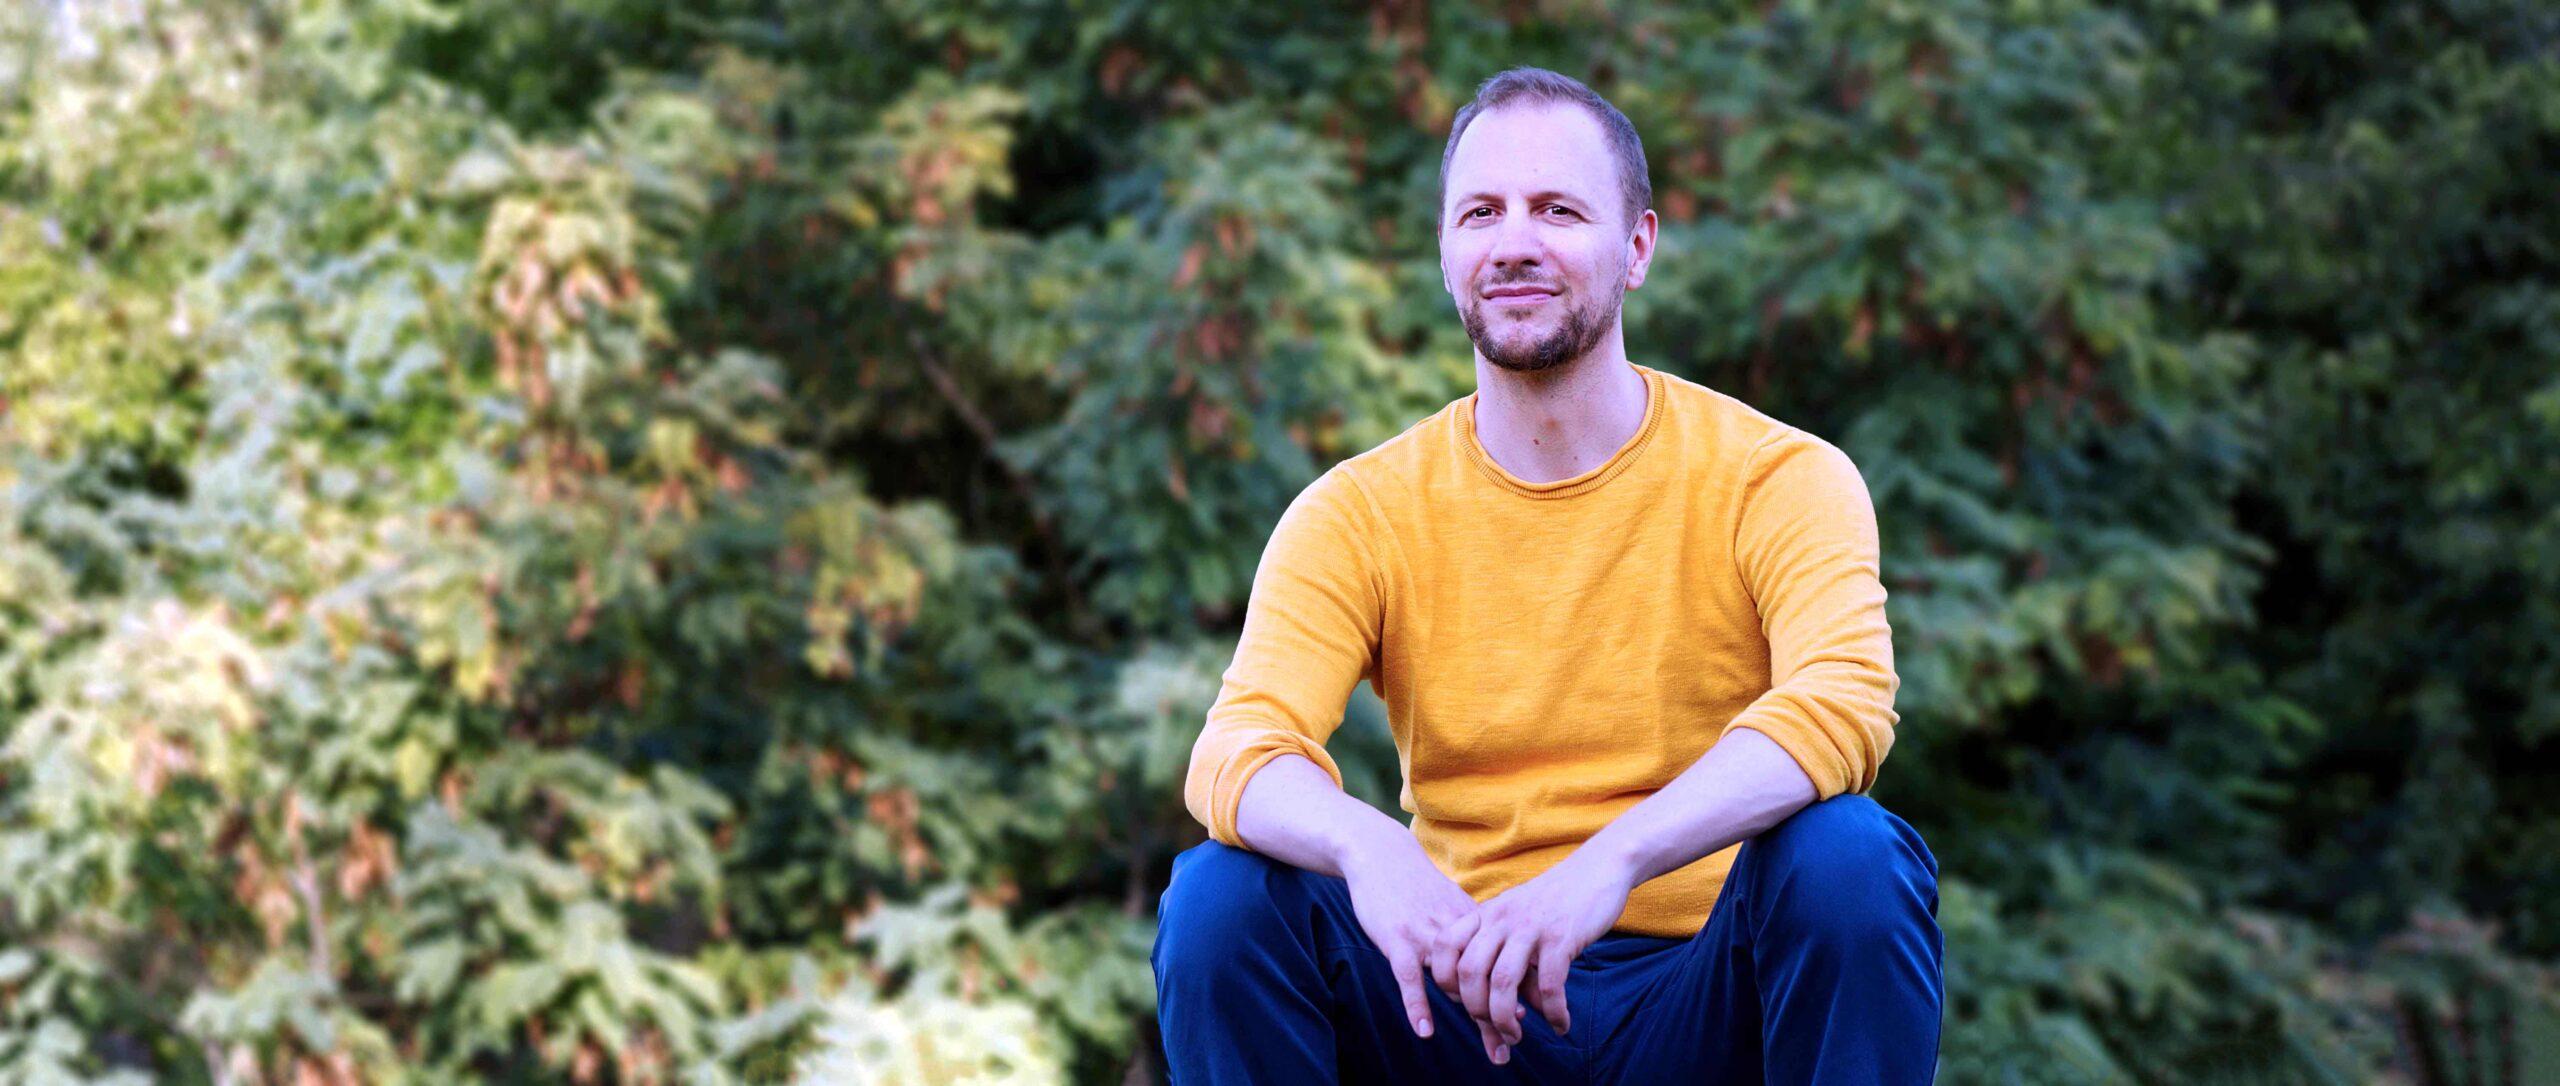 David Bröderbauer im Protrait